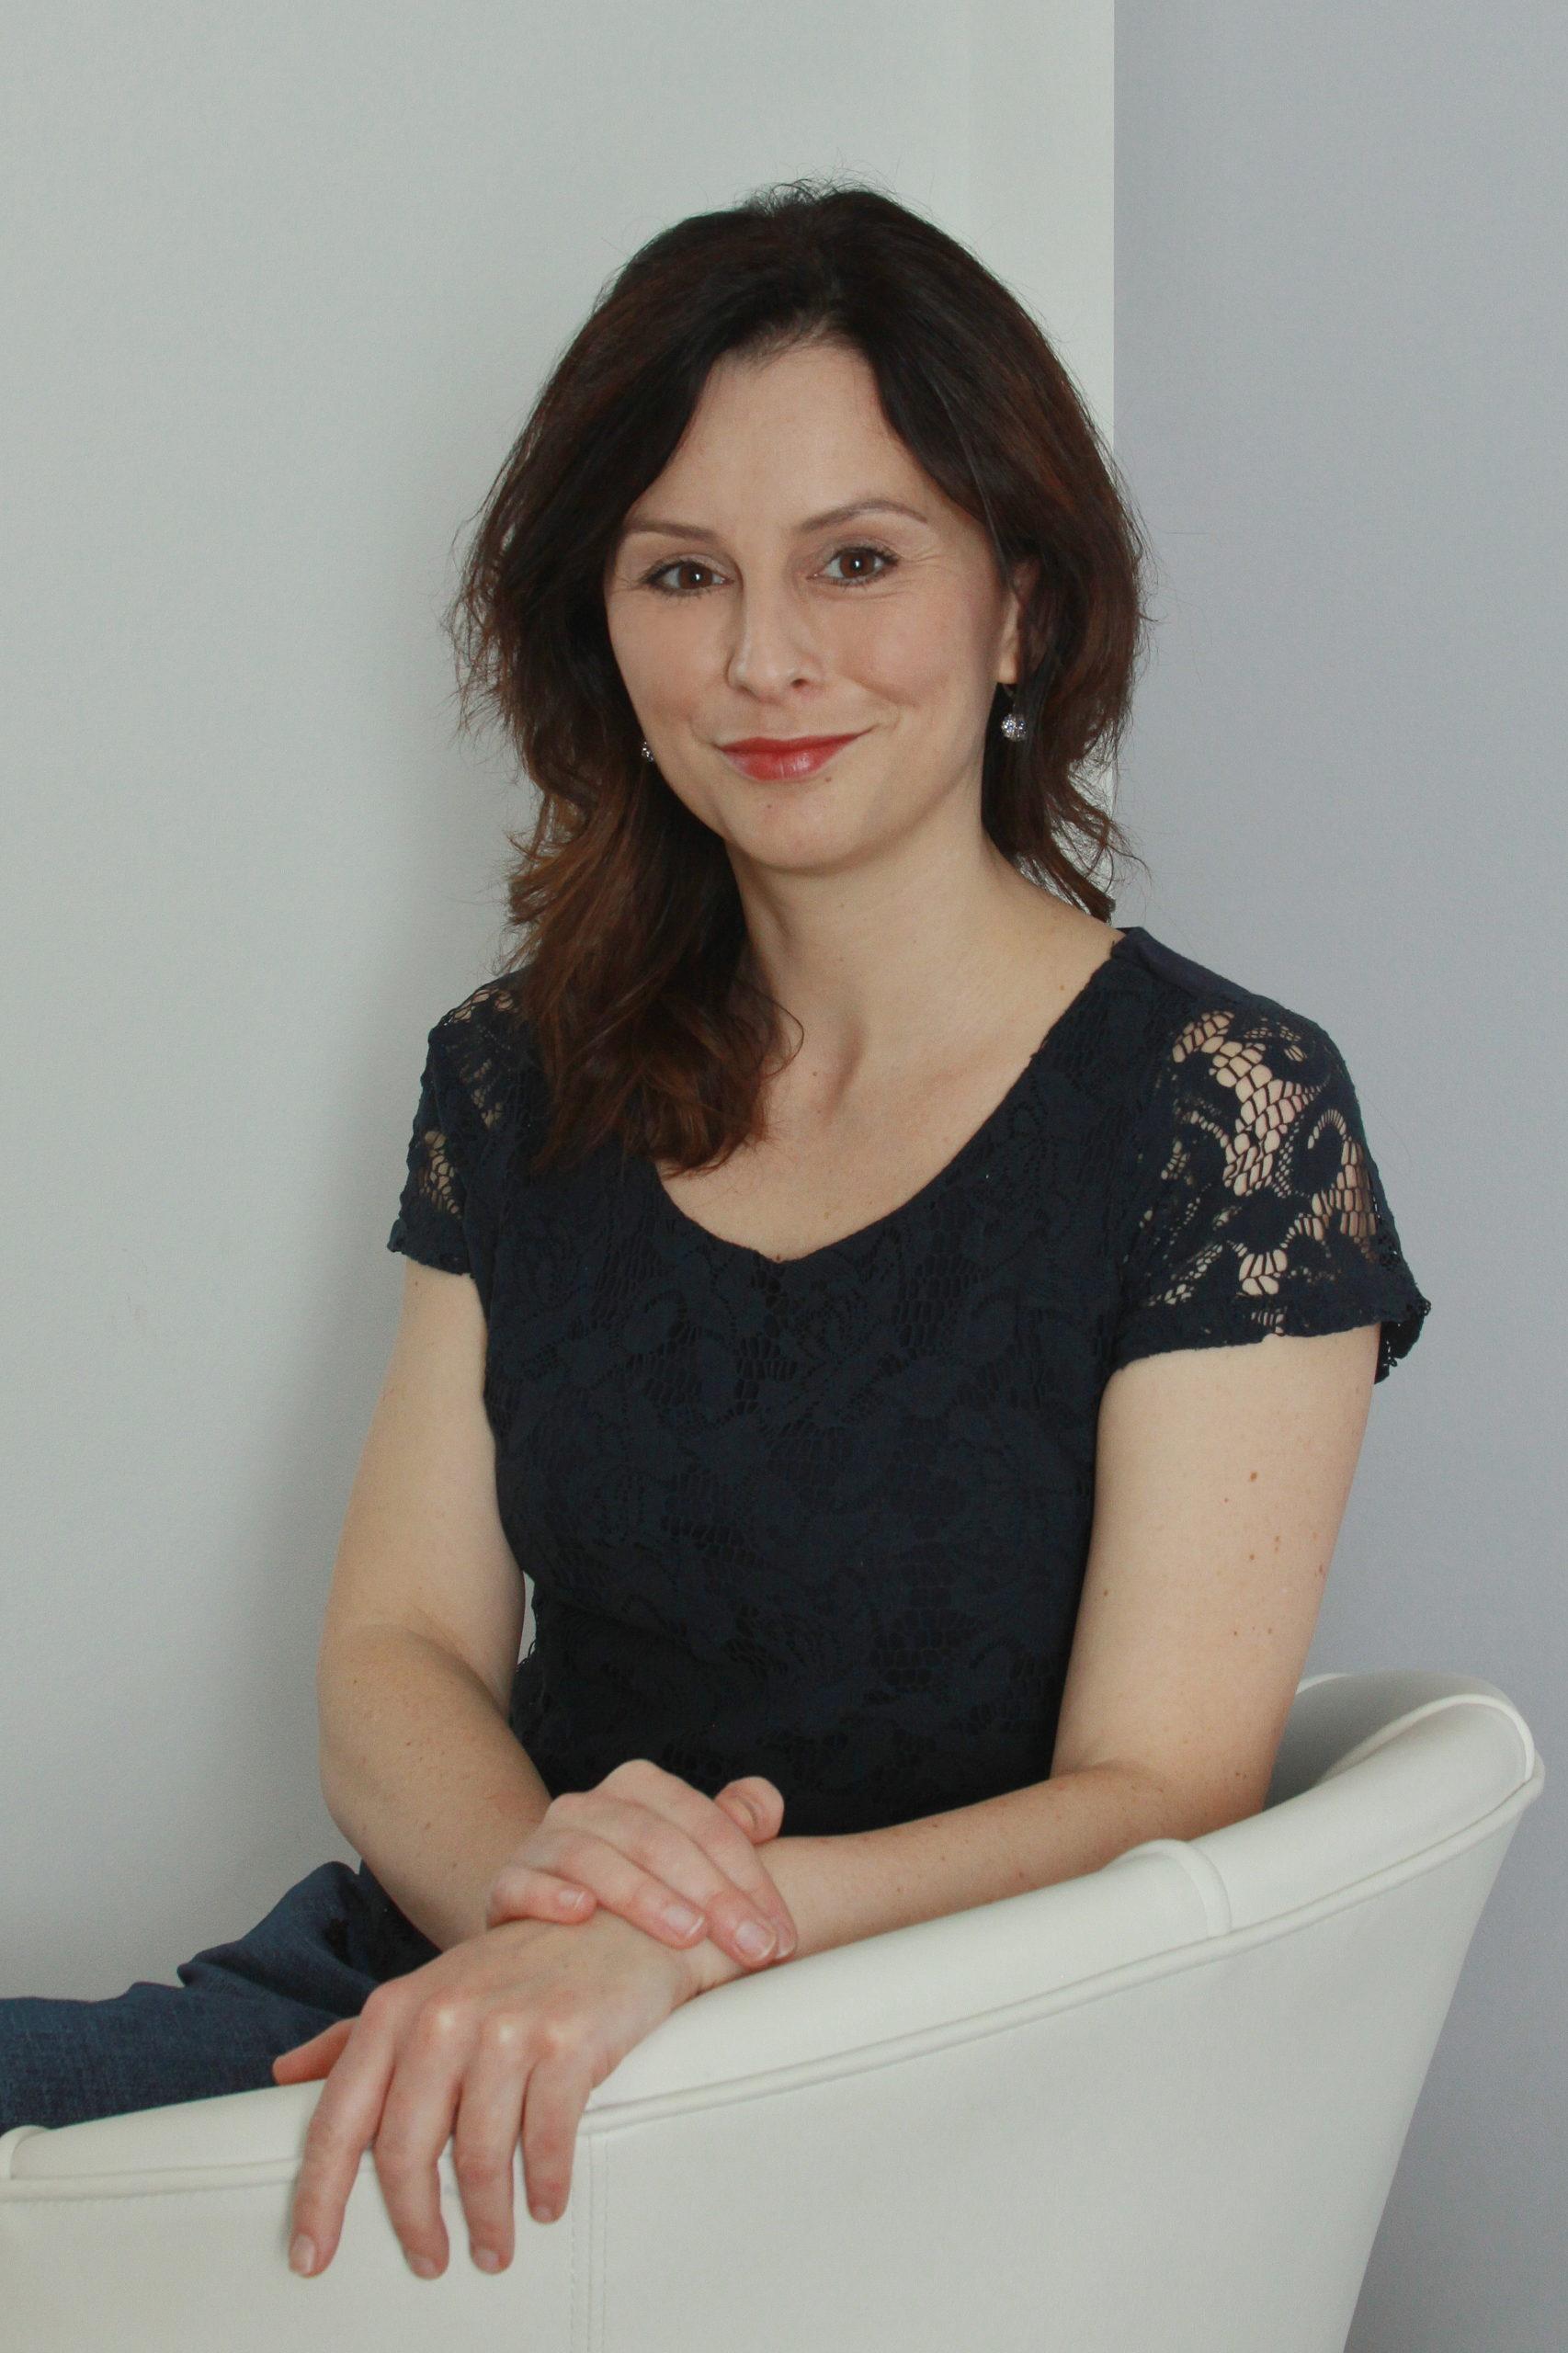 MUDr. Ivana Kundrátová